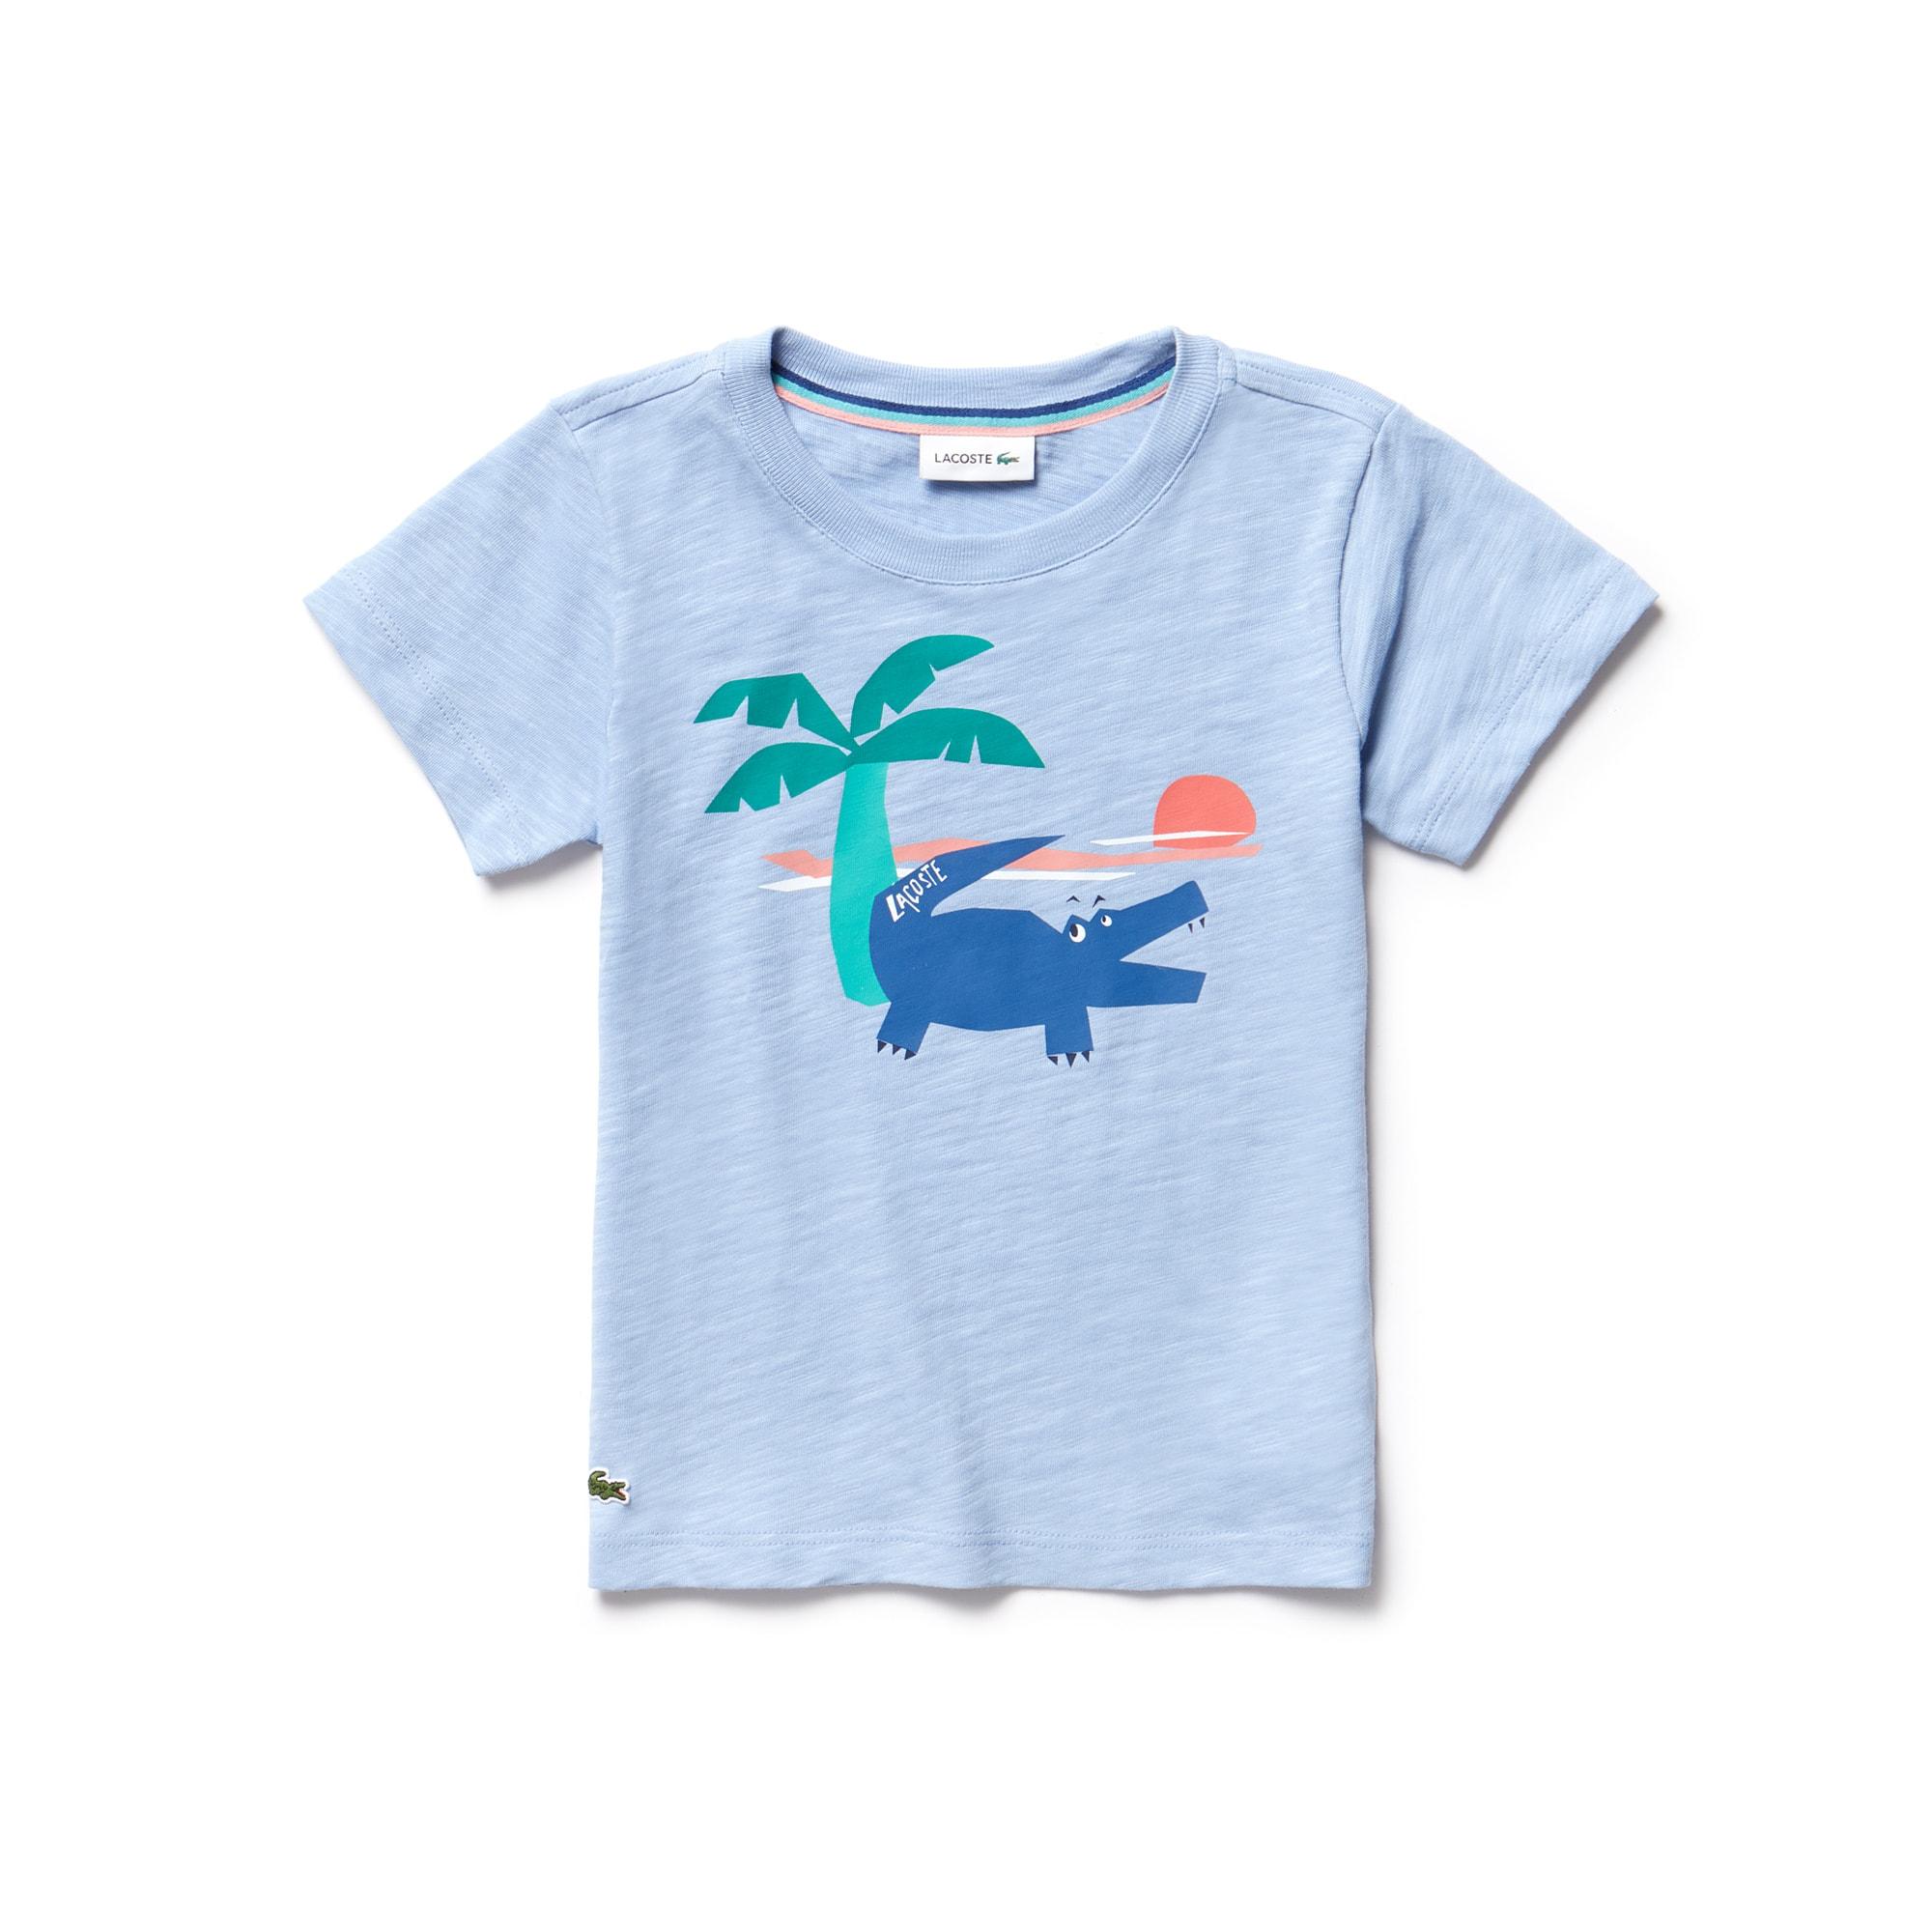 Camiseta Masculina Infantil em Jérsei Flamé com Gola Redonda e Estampa do Crocodilo